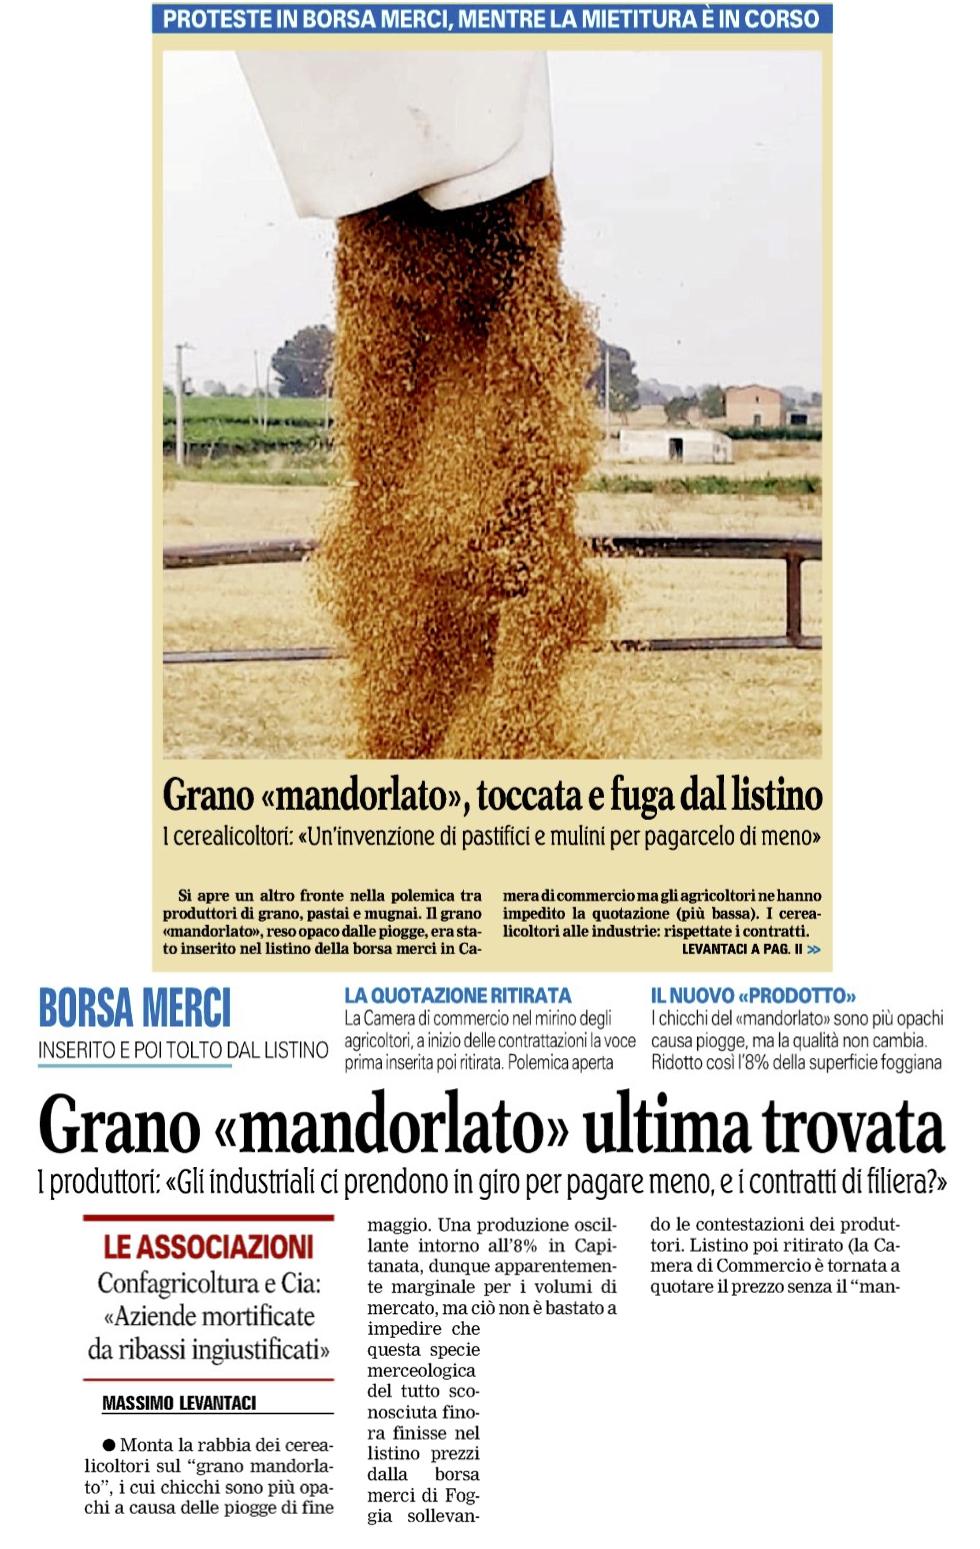 La Gazzetta del Mezzogiorno - 29.06.2018